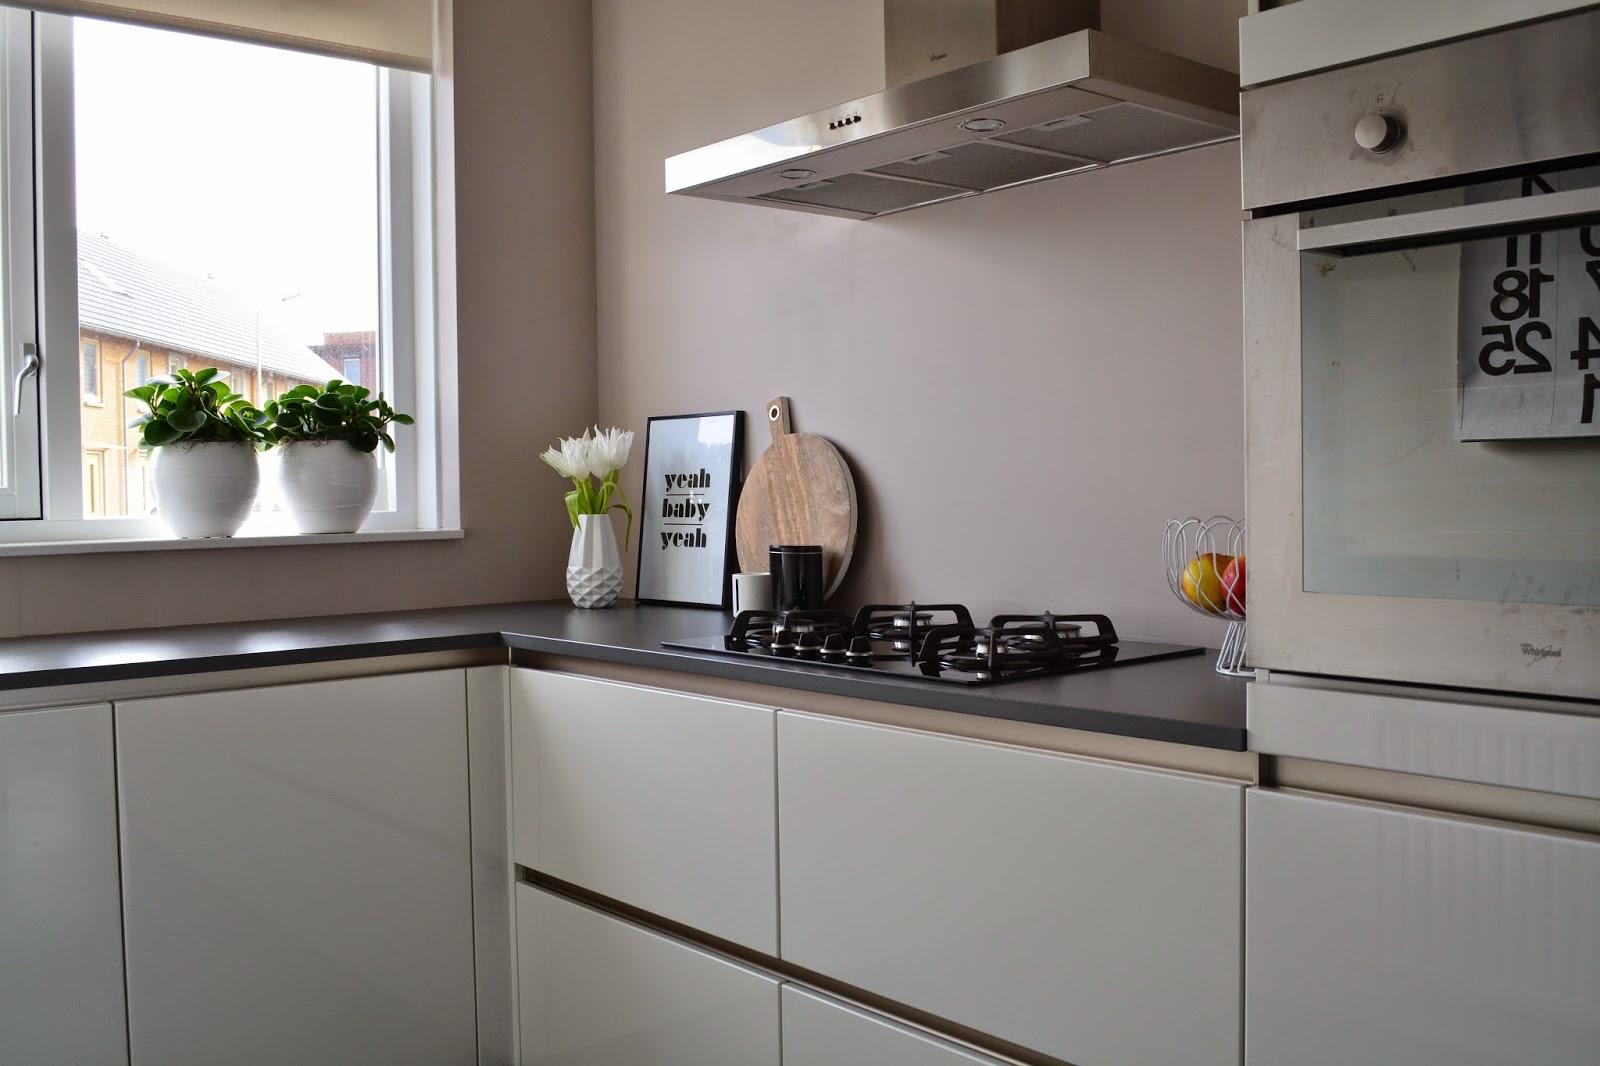 SAVED with style: Interieur | Een kijkje in ons huis #1. Keuken